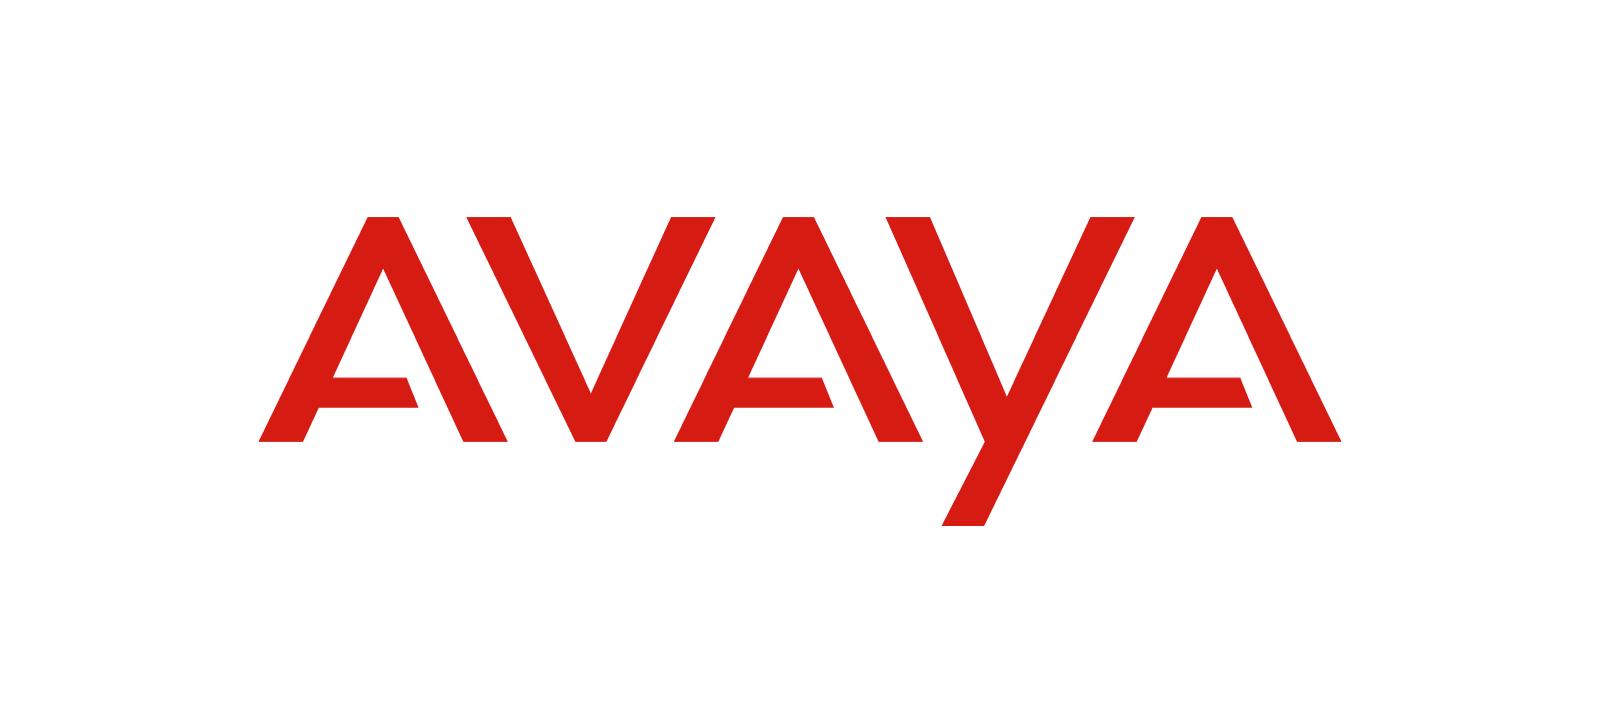 avaya(logo)